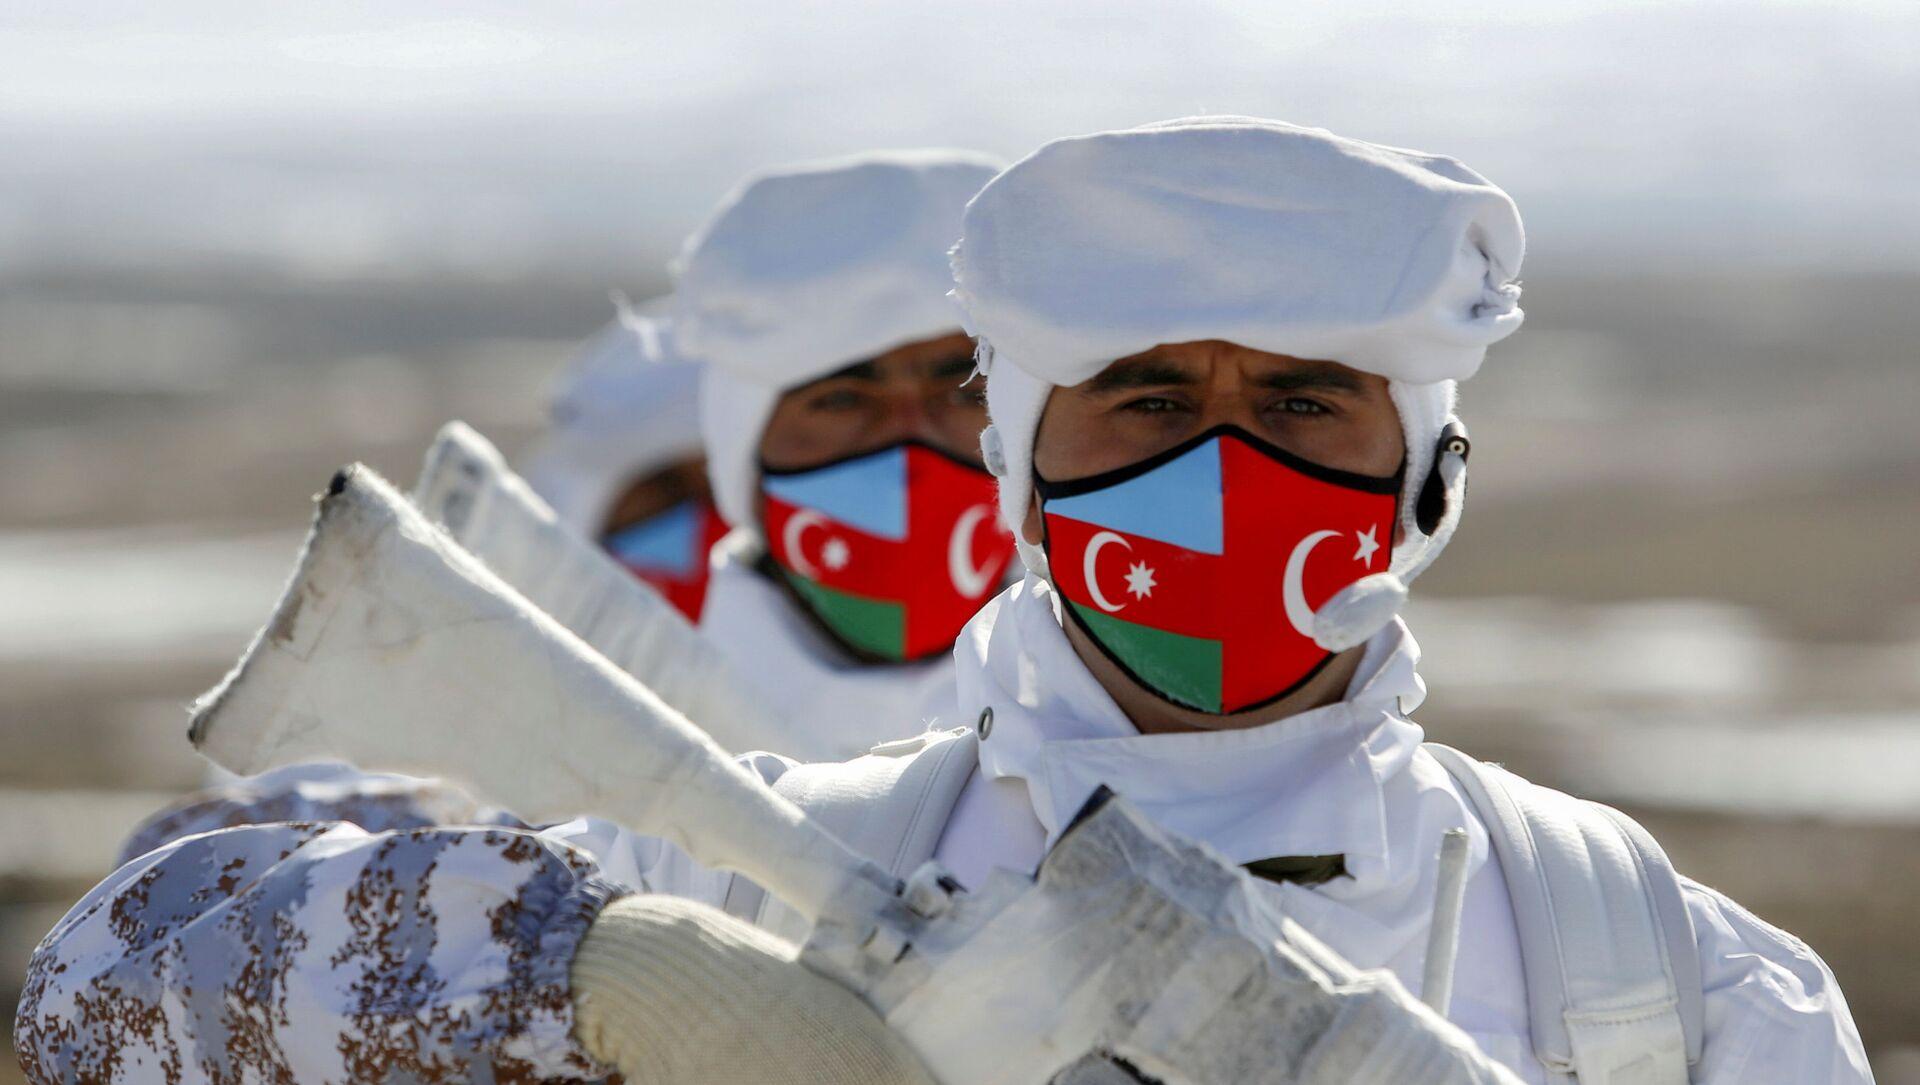 Азербайджанские и турецкие военнослужащие на «Зимних учениях 2021» в Карсе - Sputnik Азербайджан, 1920, 04.04.2021